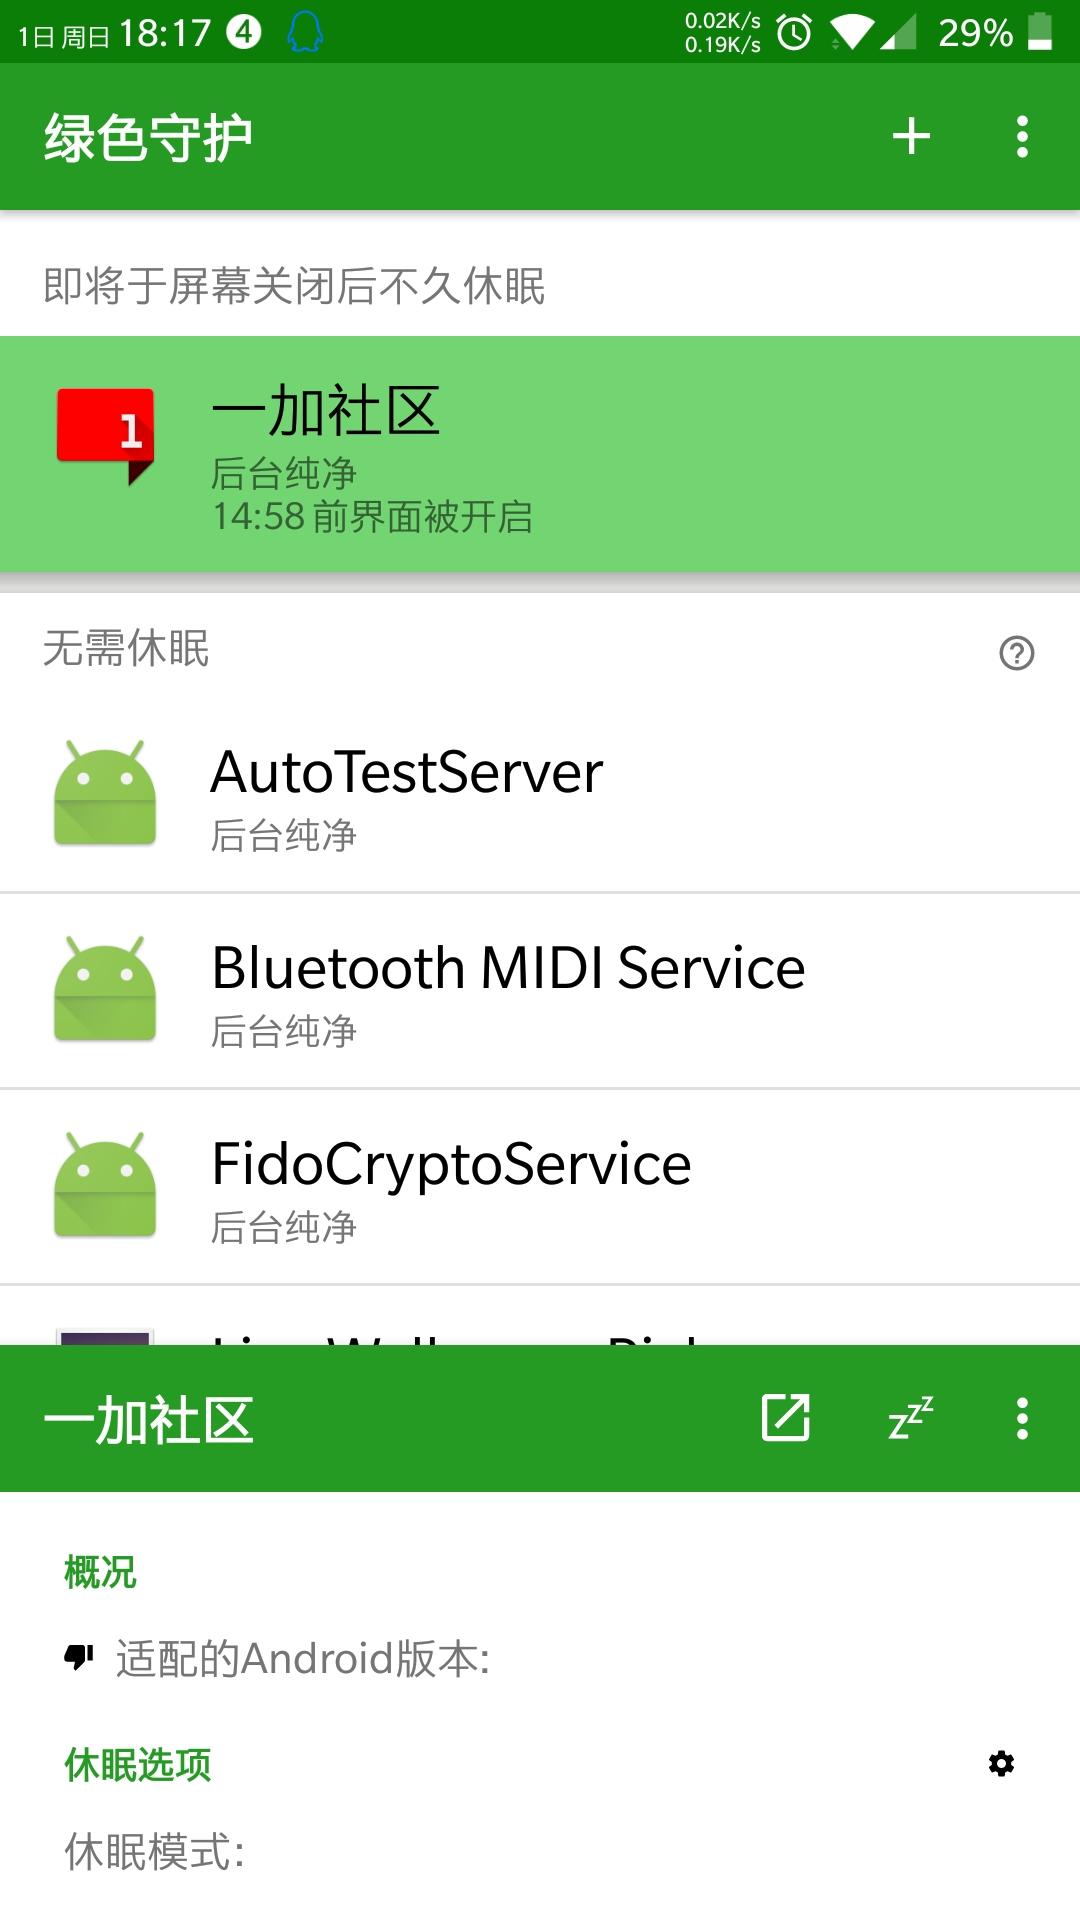 Screenshot_20171001-181725.jpg